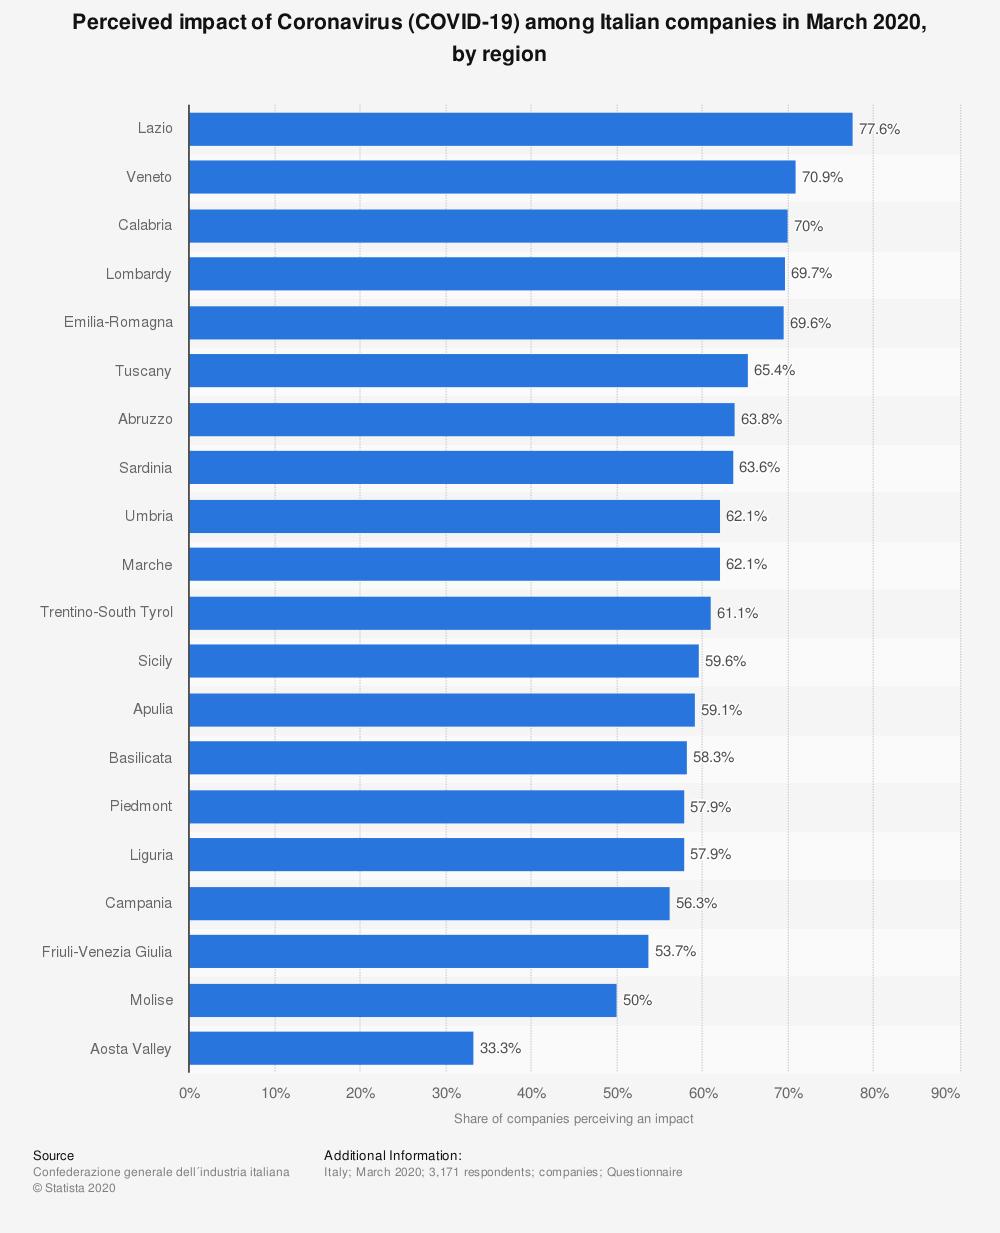 воспринимаемое влияние коронавируса среди итальянских компаний на 2020 год по регионам